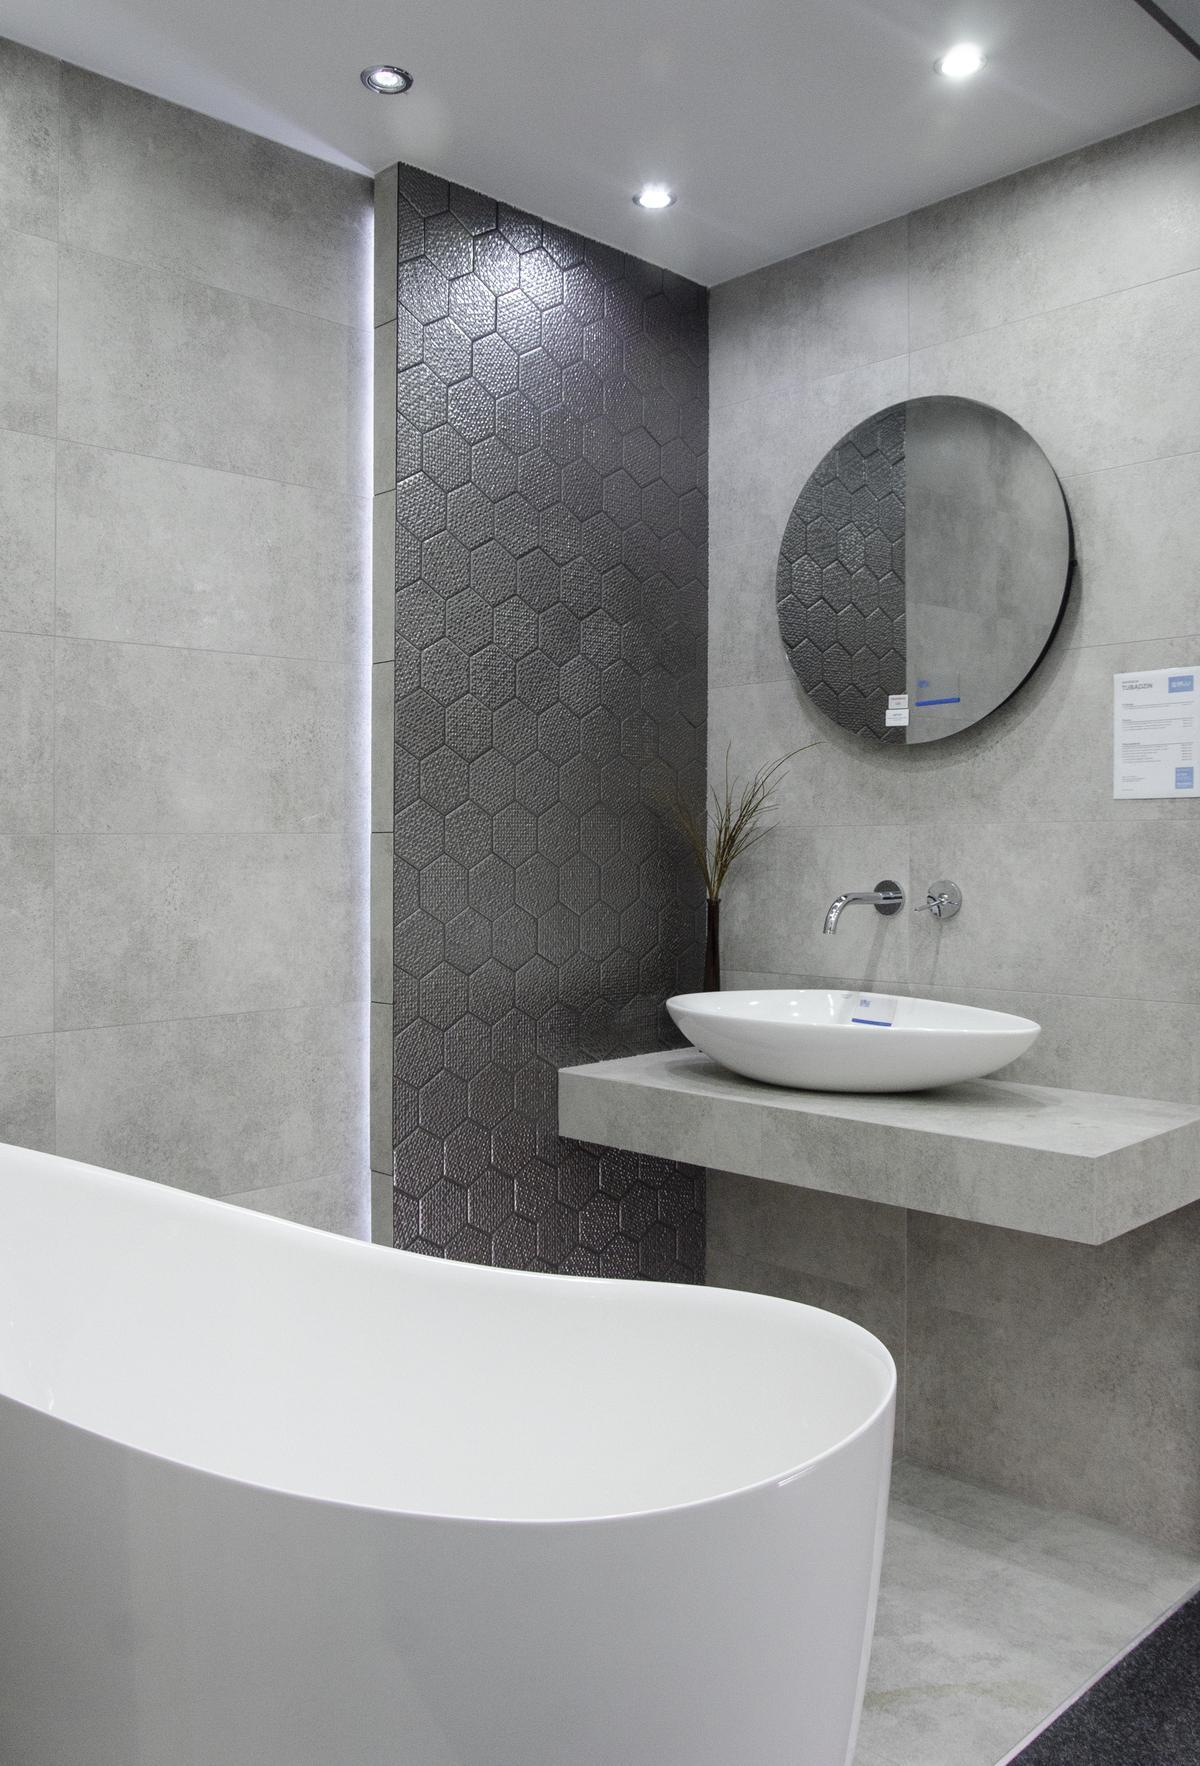 Aranżacja szarej łazienki z dekoracyjną płytką w kształcie heksagonów - zdjęcie od BLU salon łazienek Skierniewice